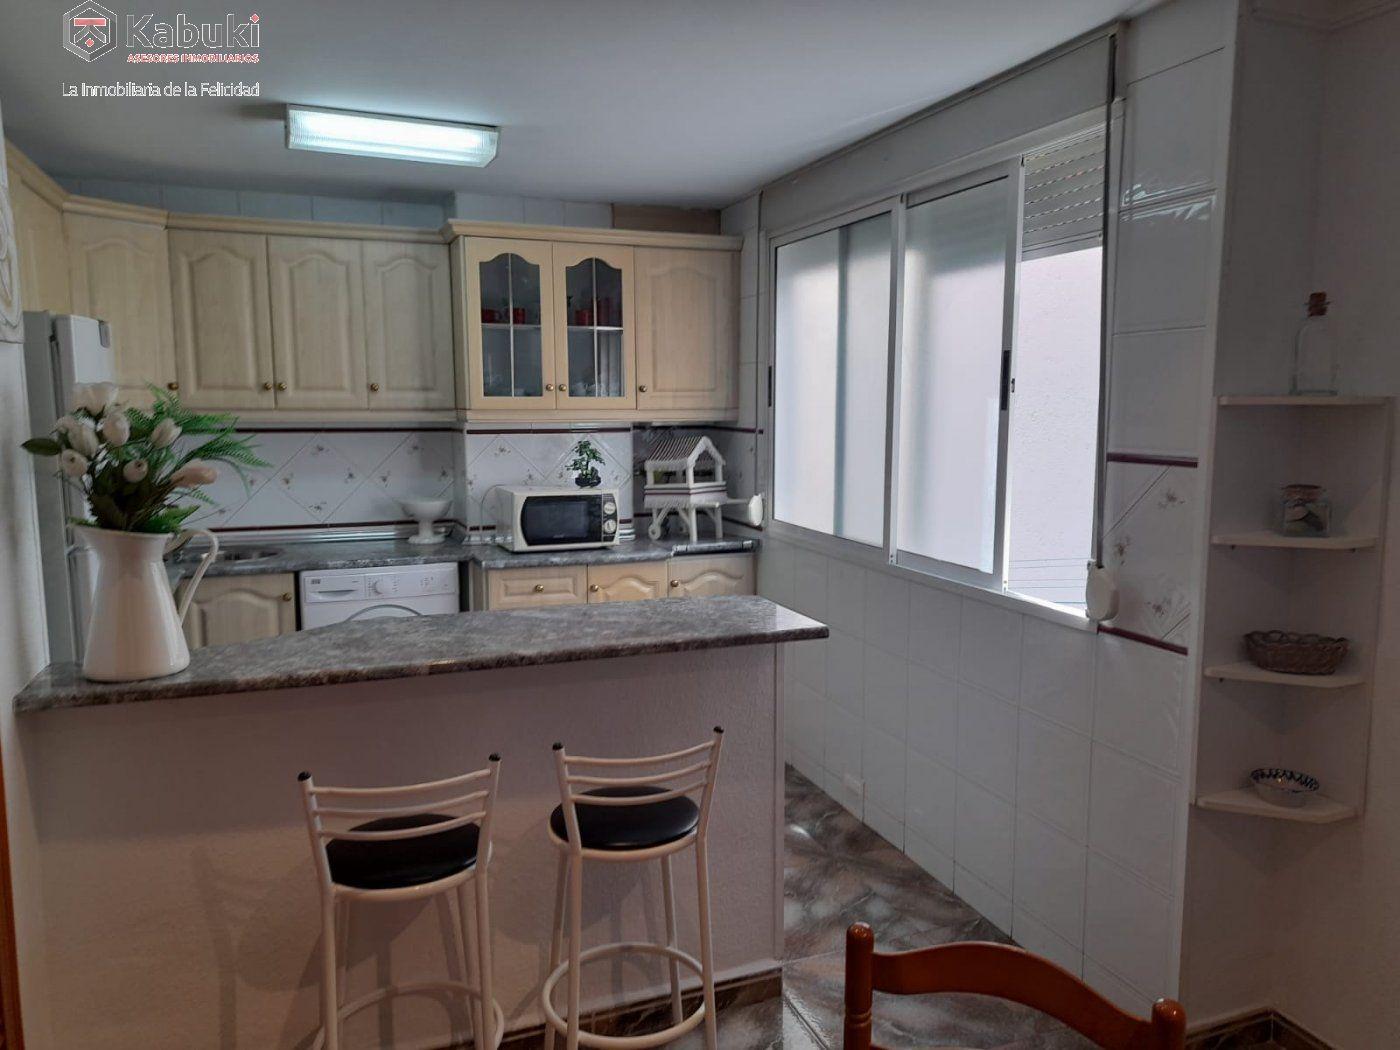 Magnífico inmueble en alquiler en zona hipercor. ideal para familias, luminoso y espacioso - imagenInmueble1